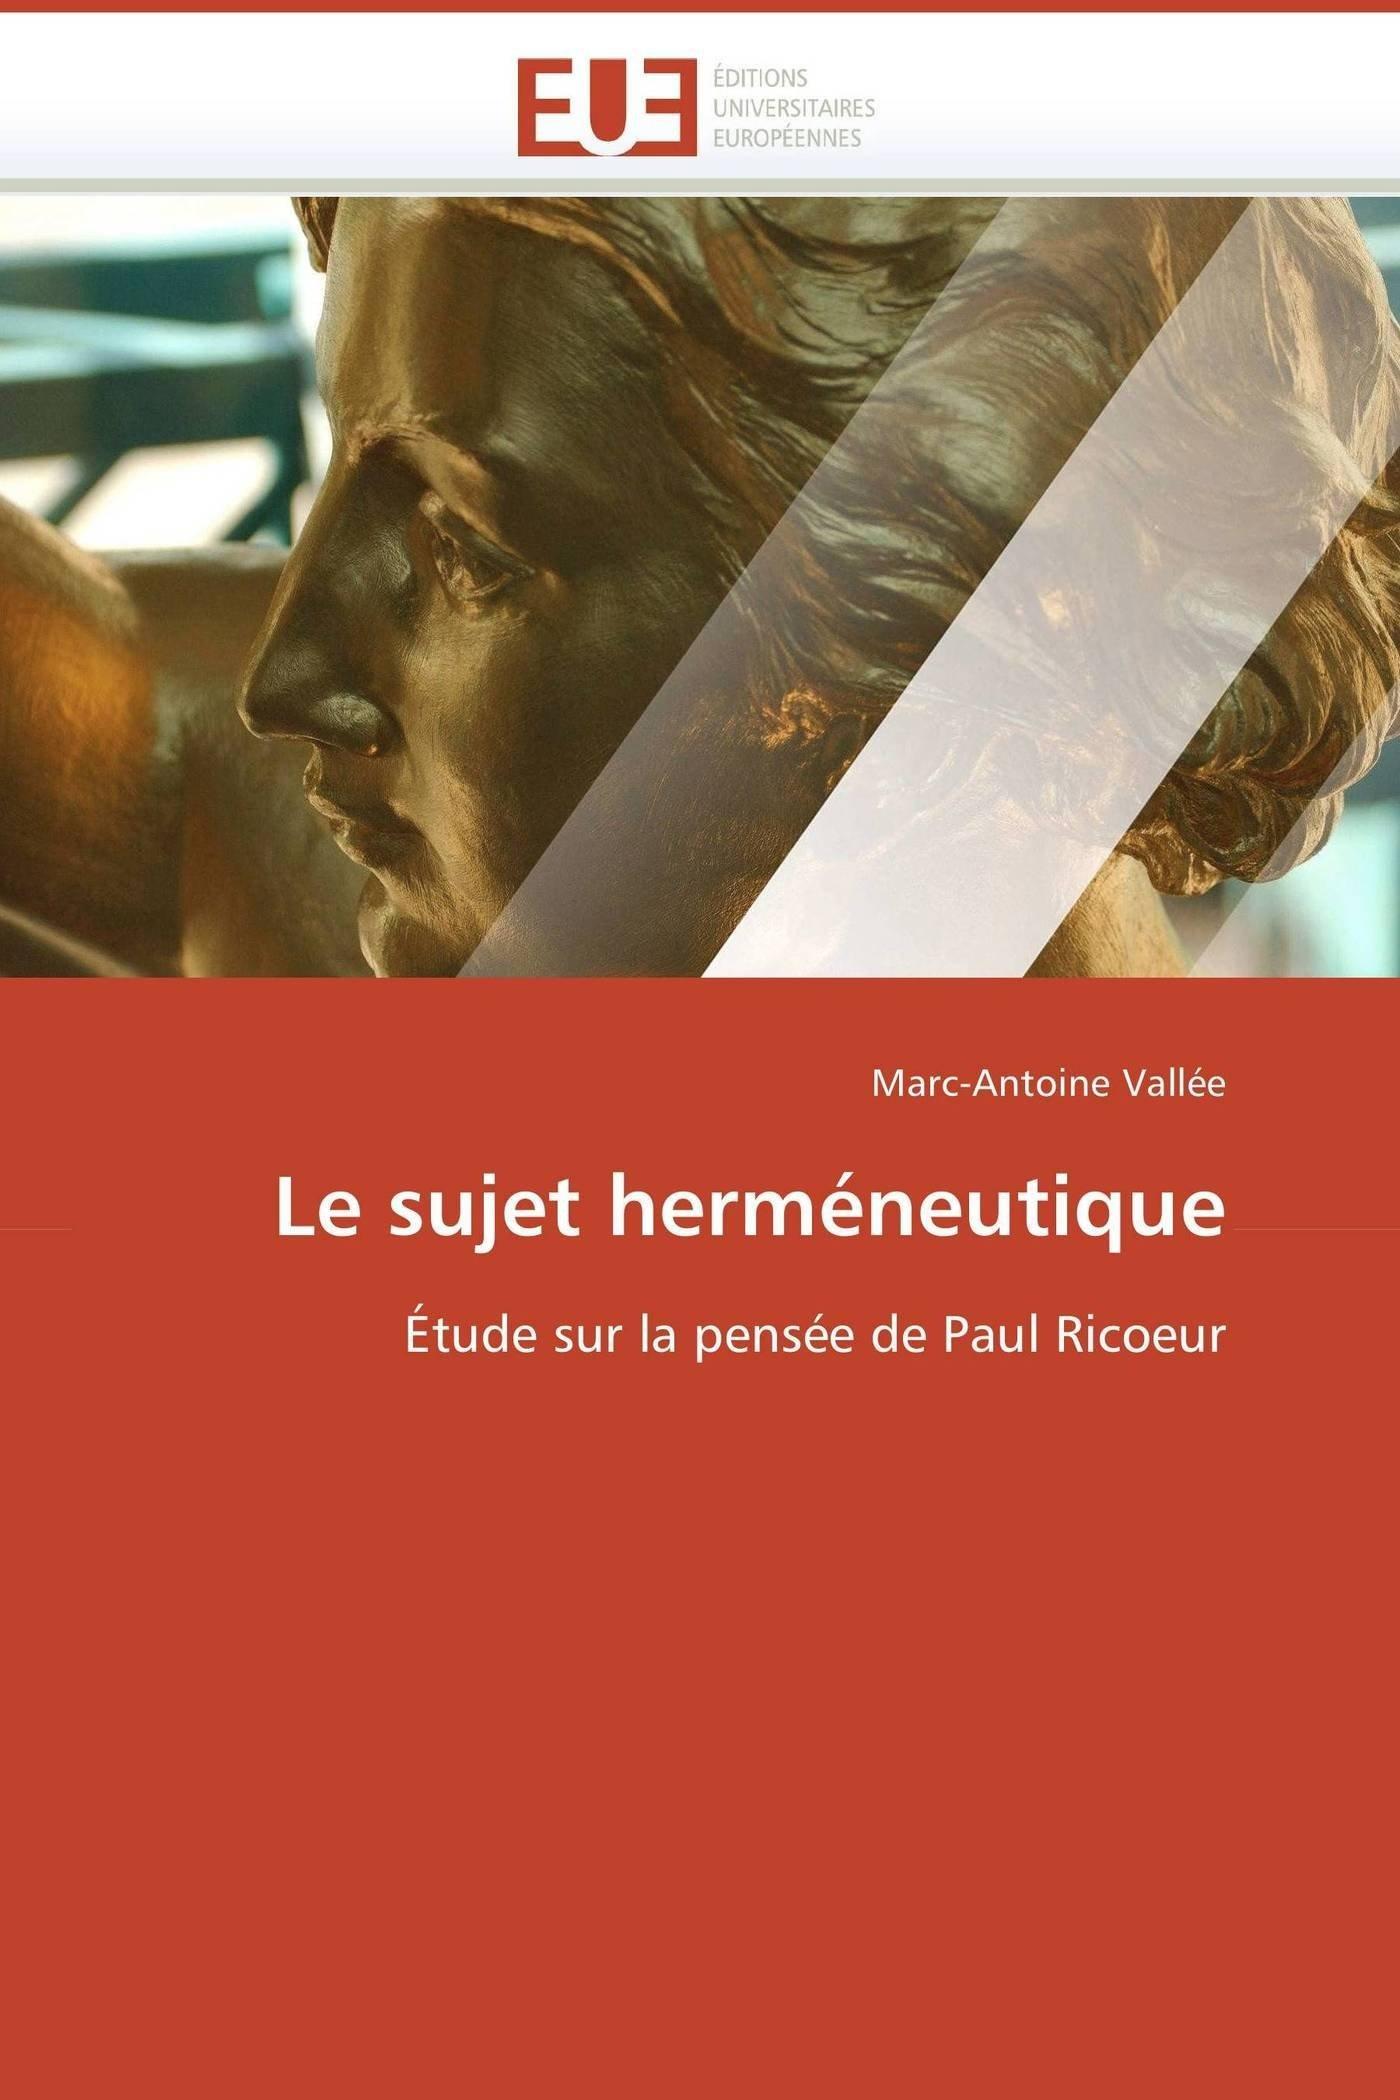 Le sujet herméneutique: Étude sur la pensée de Paul Ricoeur (Omn.Univ.Europ.) (French Edition) (French) Paperback – July 5, 2010